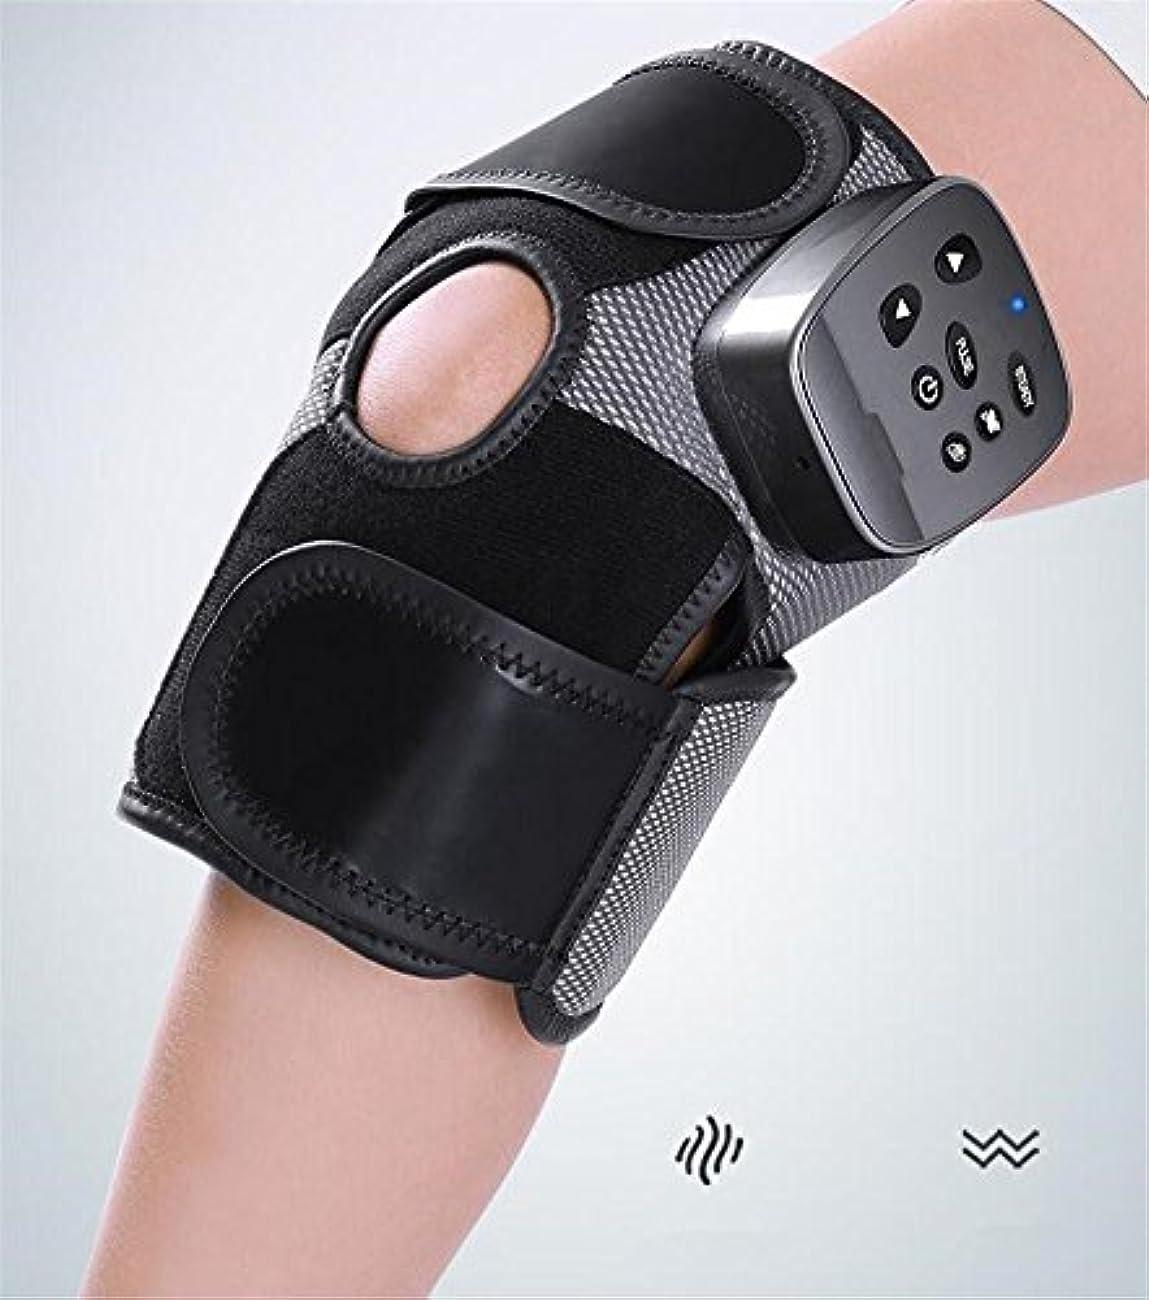 存在代理店紳士気取りの、きざなELEGENCE-Z膝の痛みのためのベストひざ掛けメリディアンジョイントヘルスケア理学療法器感謝祭Xmasハイエンドのギフト